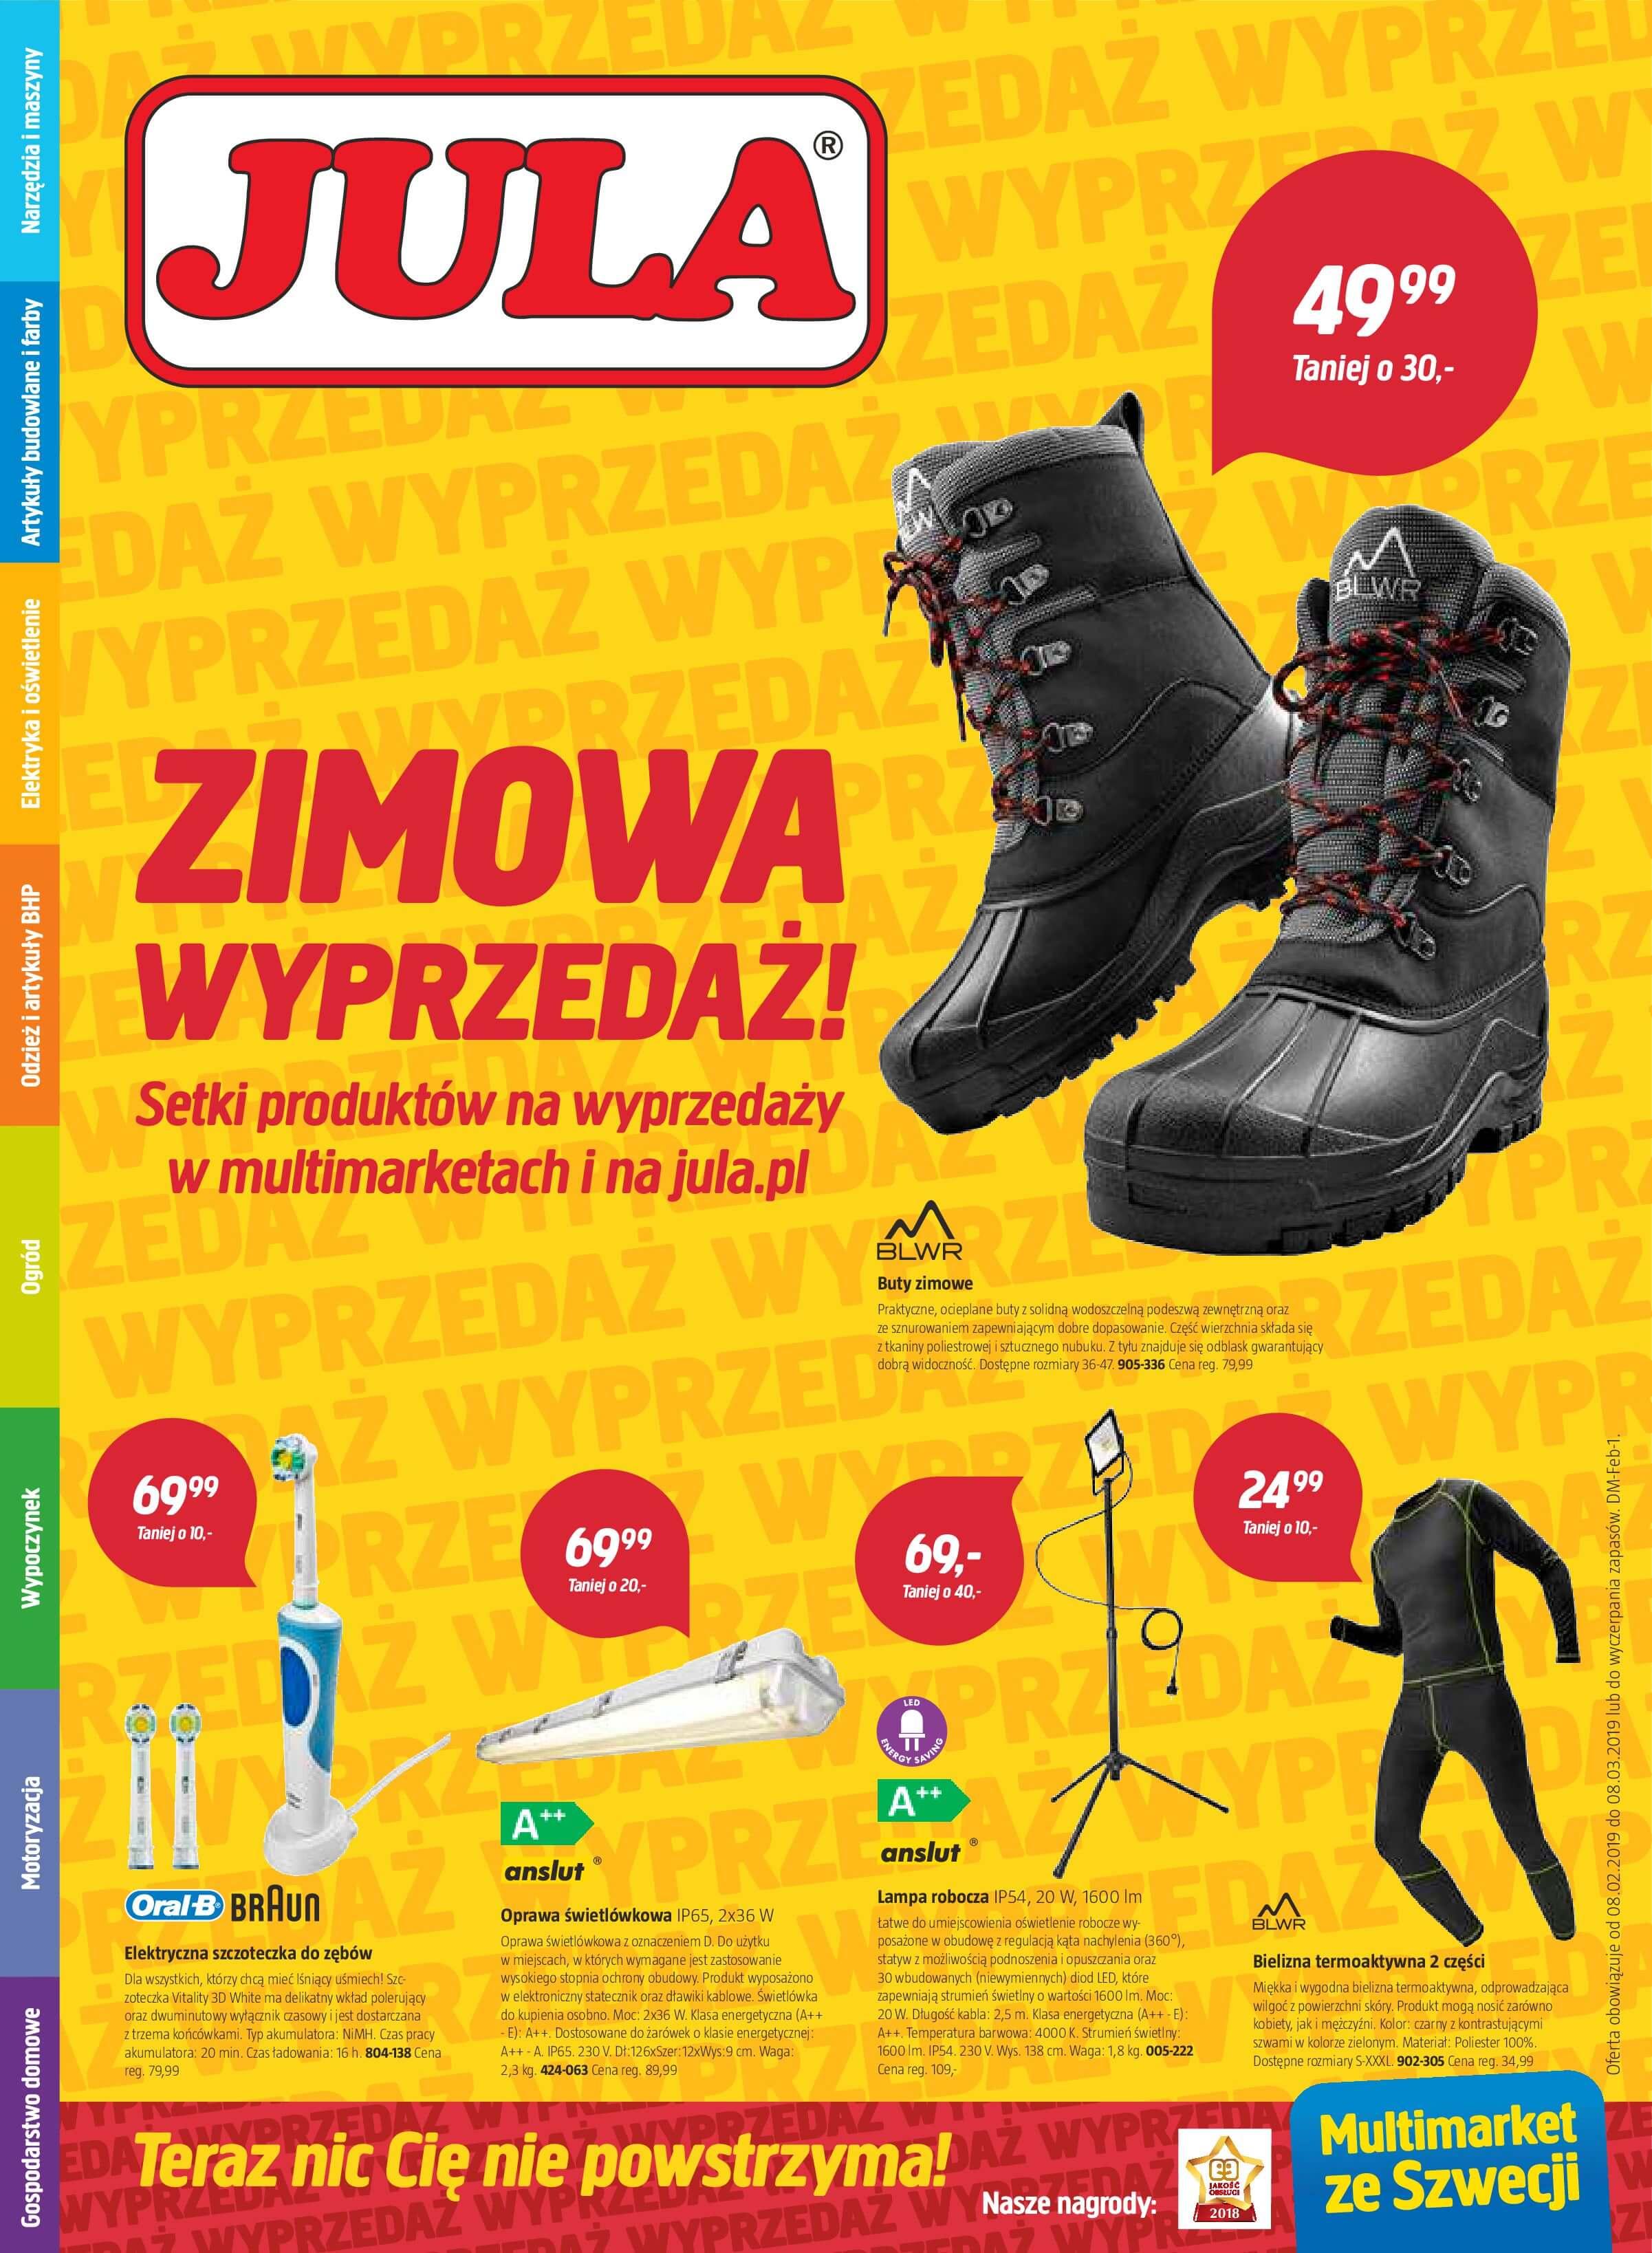 Gazetka Jula - Zimowa wyprzedaż!-07.02.2019-08.03.2019-page-